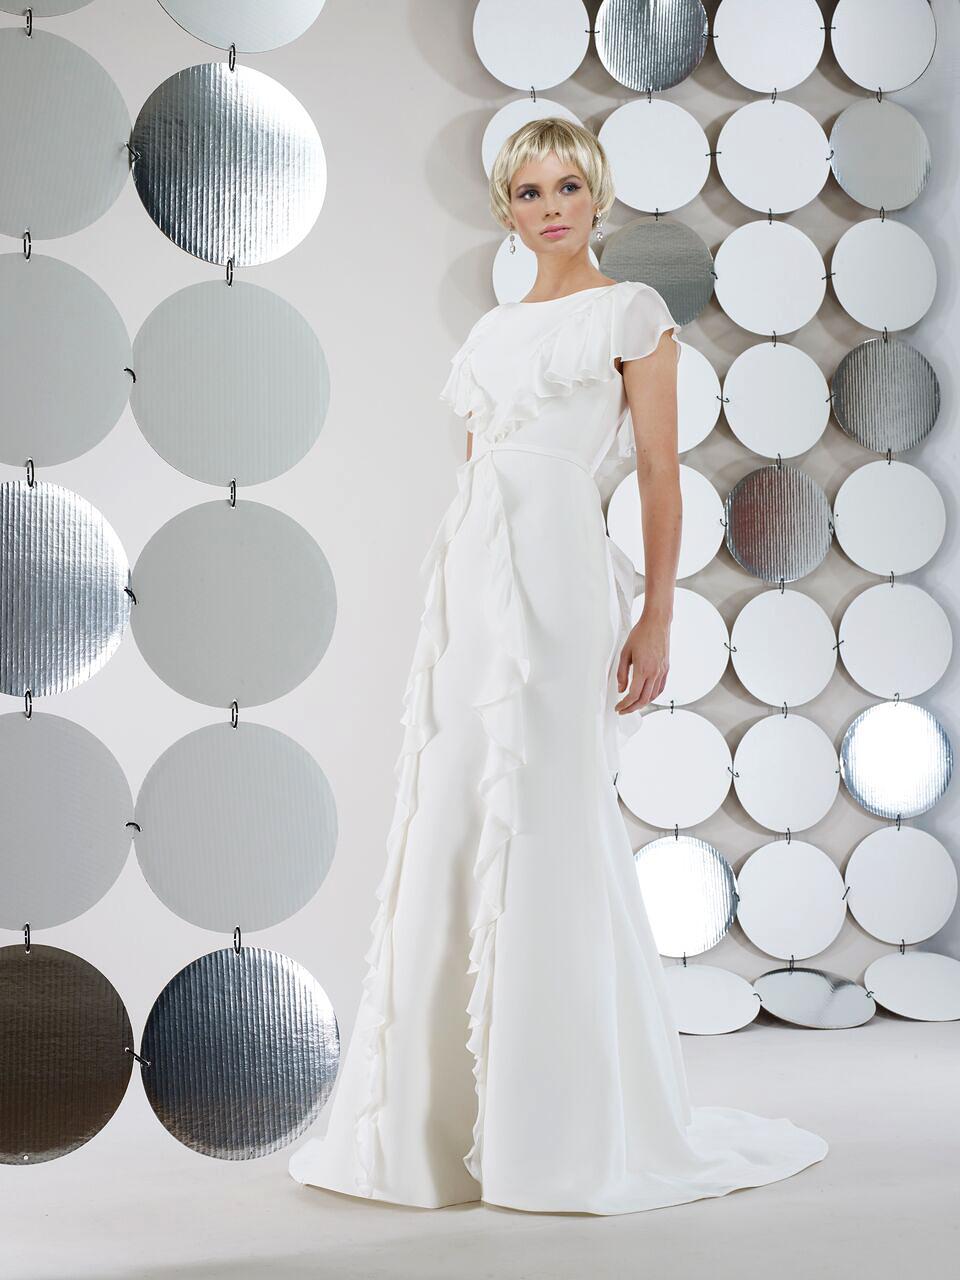 steven birnbaum bridal wedding dress fall 2018 short sleeves ruffles a line